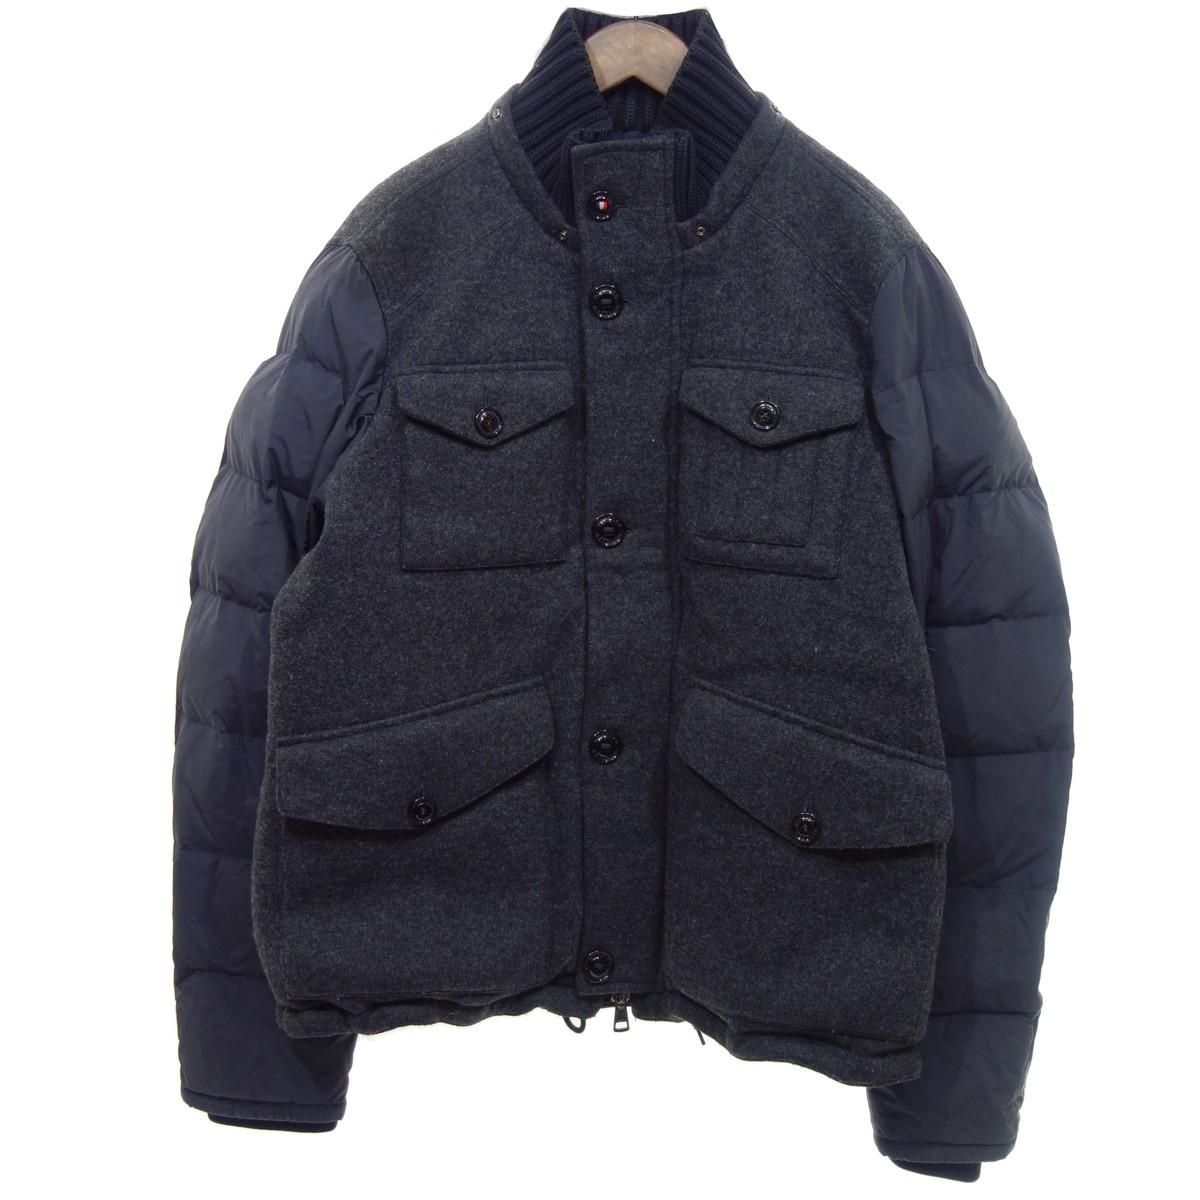 【中古】MONCLER HONORAT ダウンジャケット グレー サイズ:6 【201219】(モンクレール)